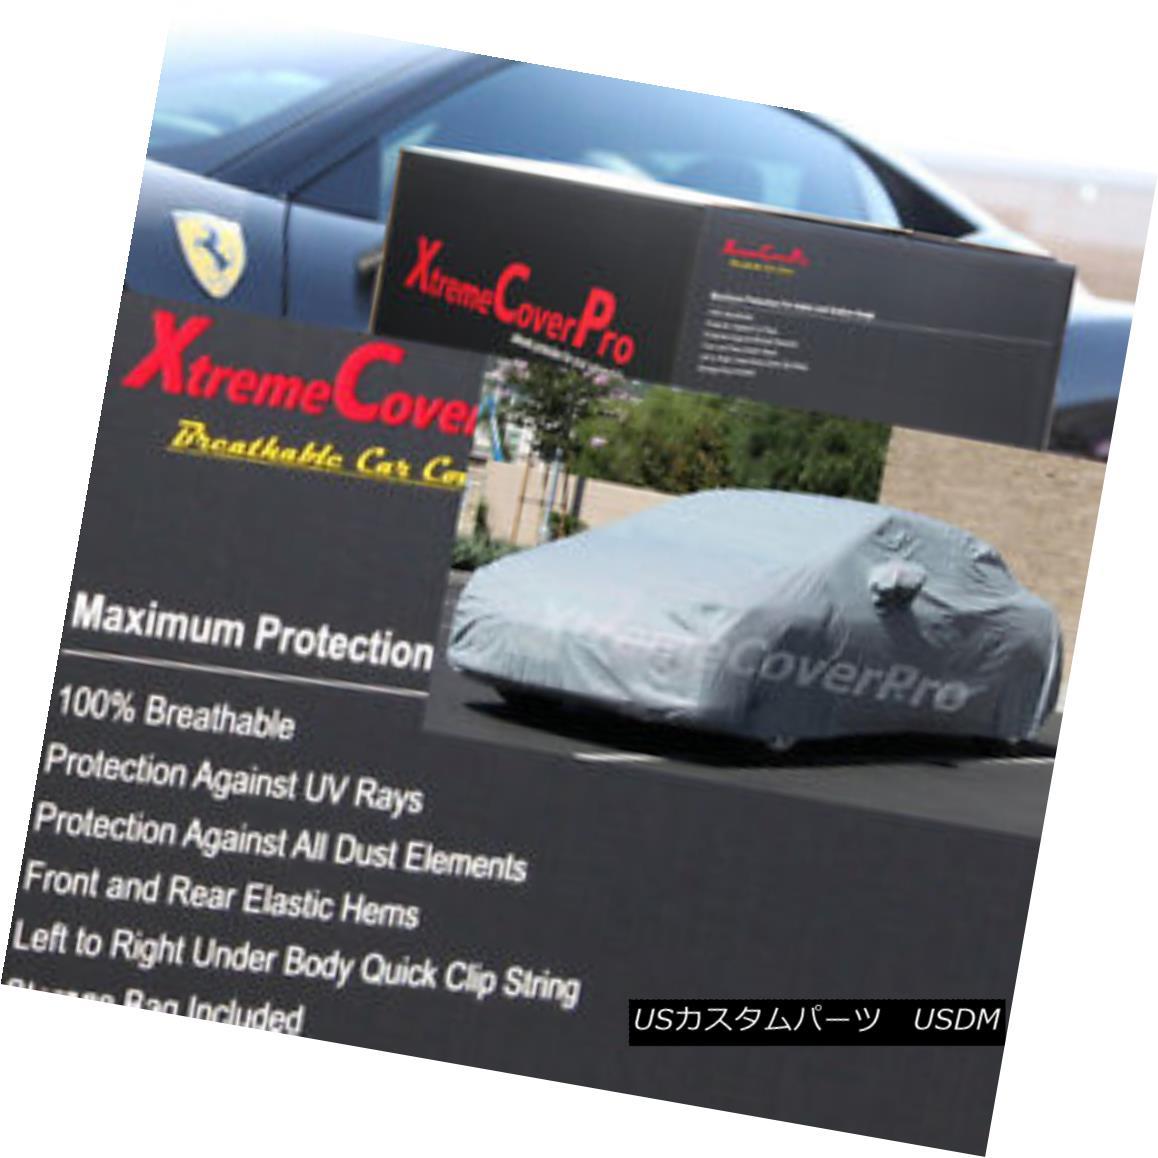 カーカバー 2015 FORD FIESTA SEDAN Breathable Car Cover w/Mirror Pockets - Gray 2015フォードフィエスタセダン通気性の車カバー、ミラーポケット付き - グレー